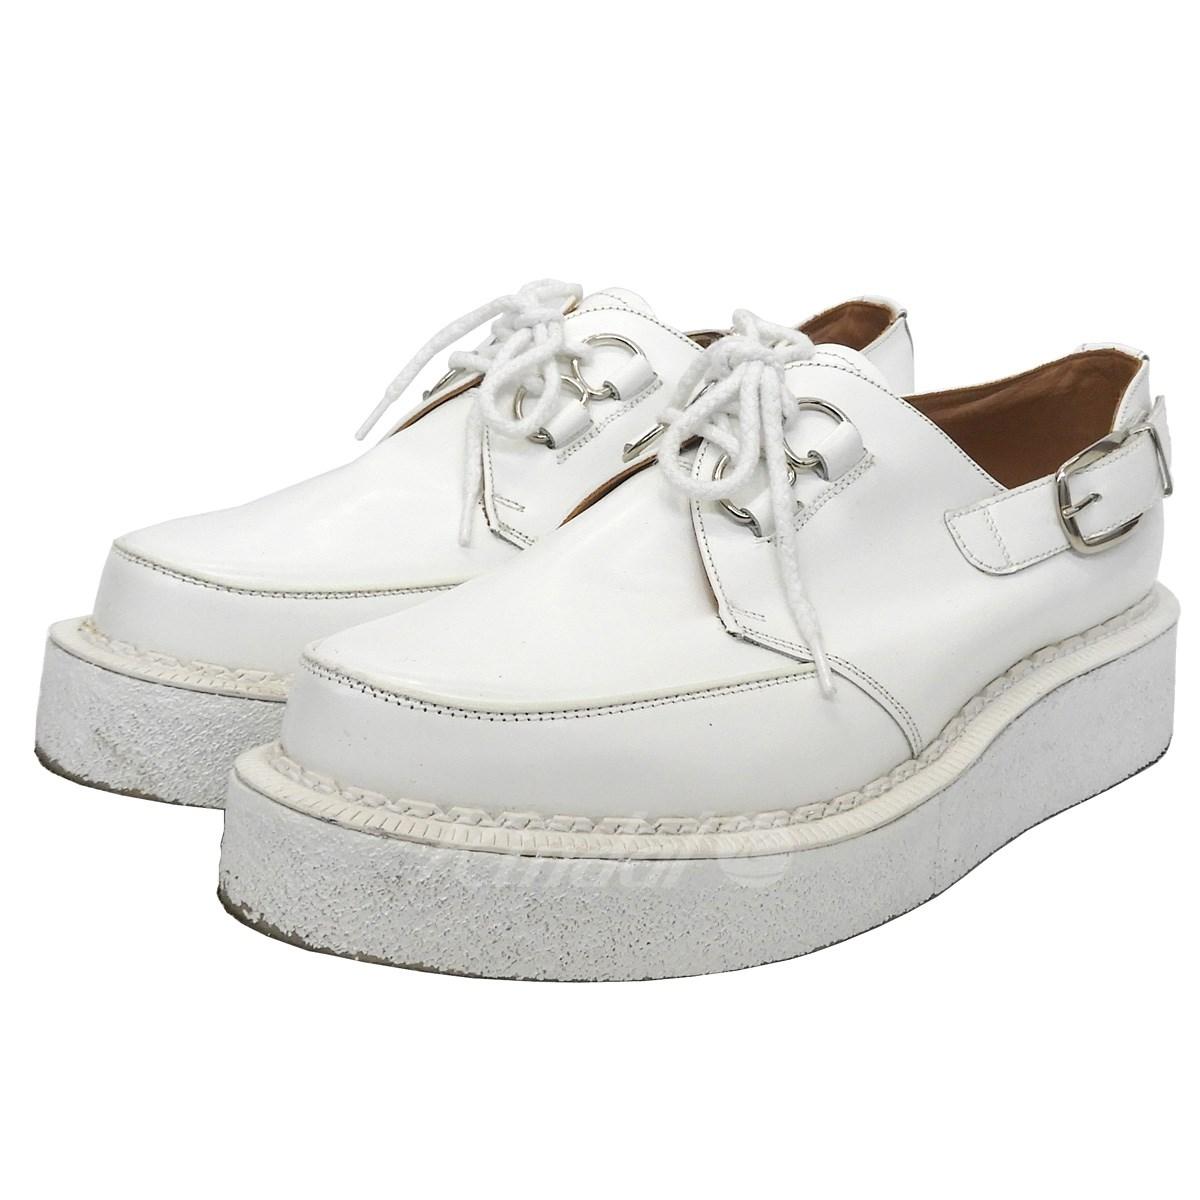 vente pas cher design élégant dernière vente COMME des GARCONS HOMME PLUS X GEORGE COX rubber sole shoes white size:  UK10 (コムデギャルソンオムプリュス X George coxswain)